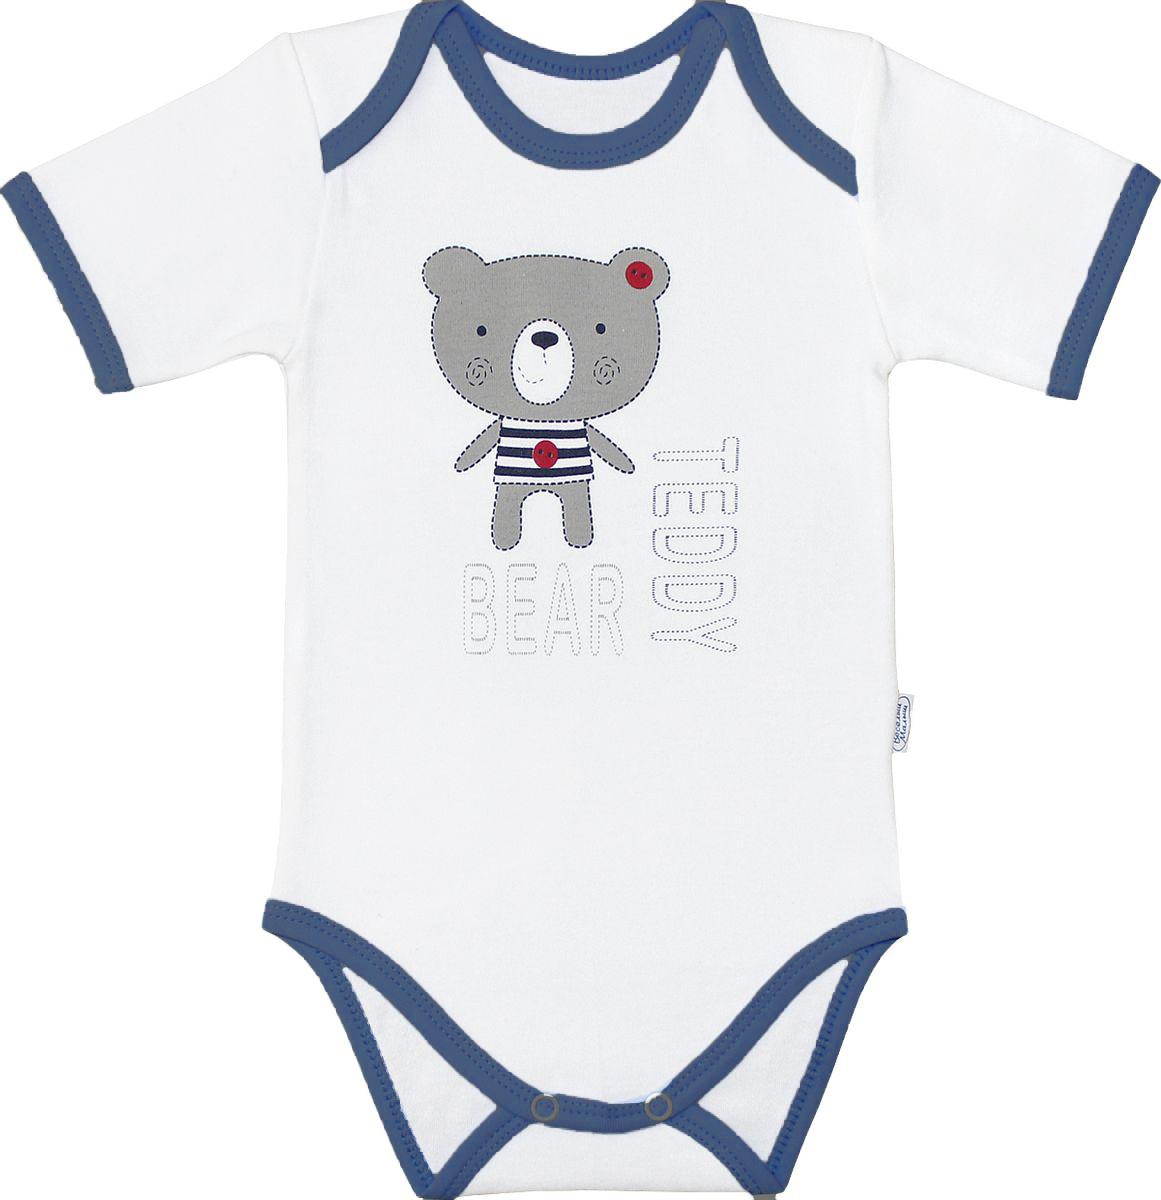 Боди для мальчика Веселый малыш Мишка Тедди, цвет: белый, синий. 41322/мт-D (1). Размер 74